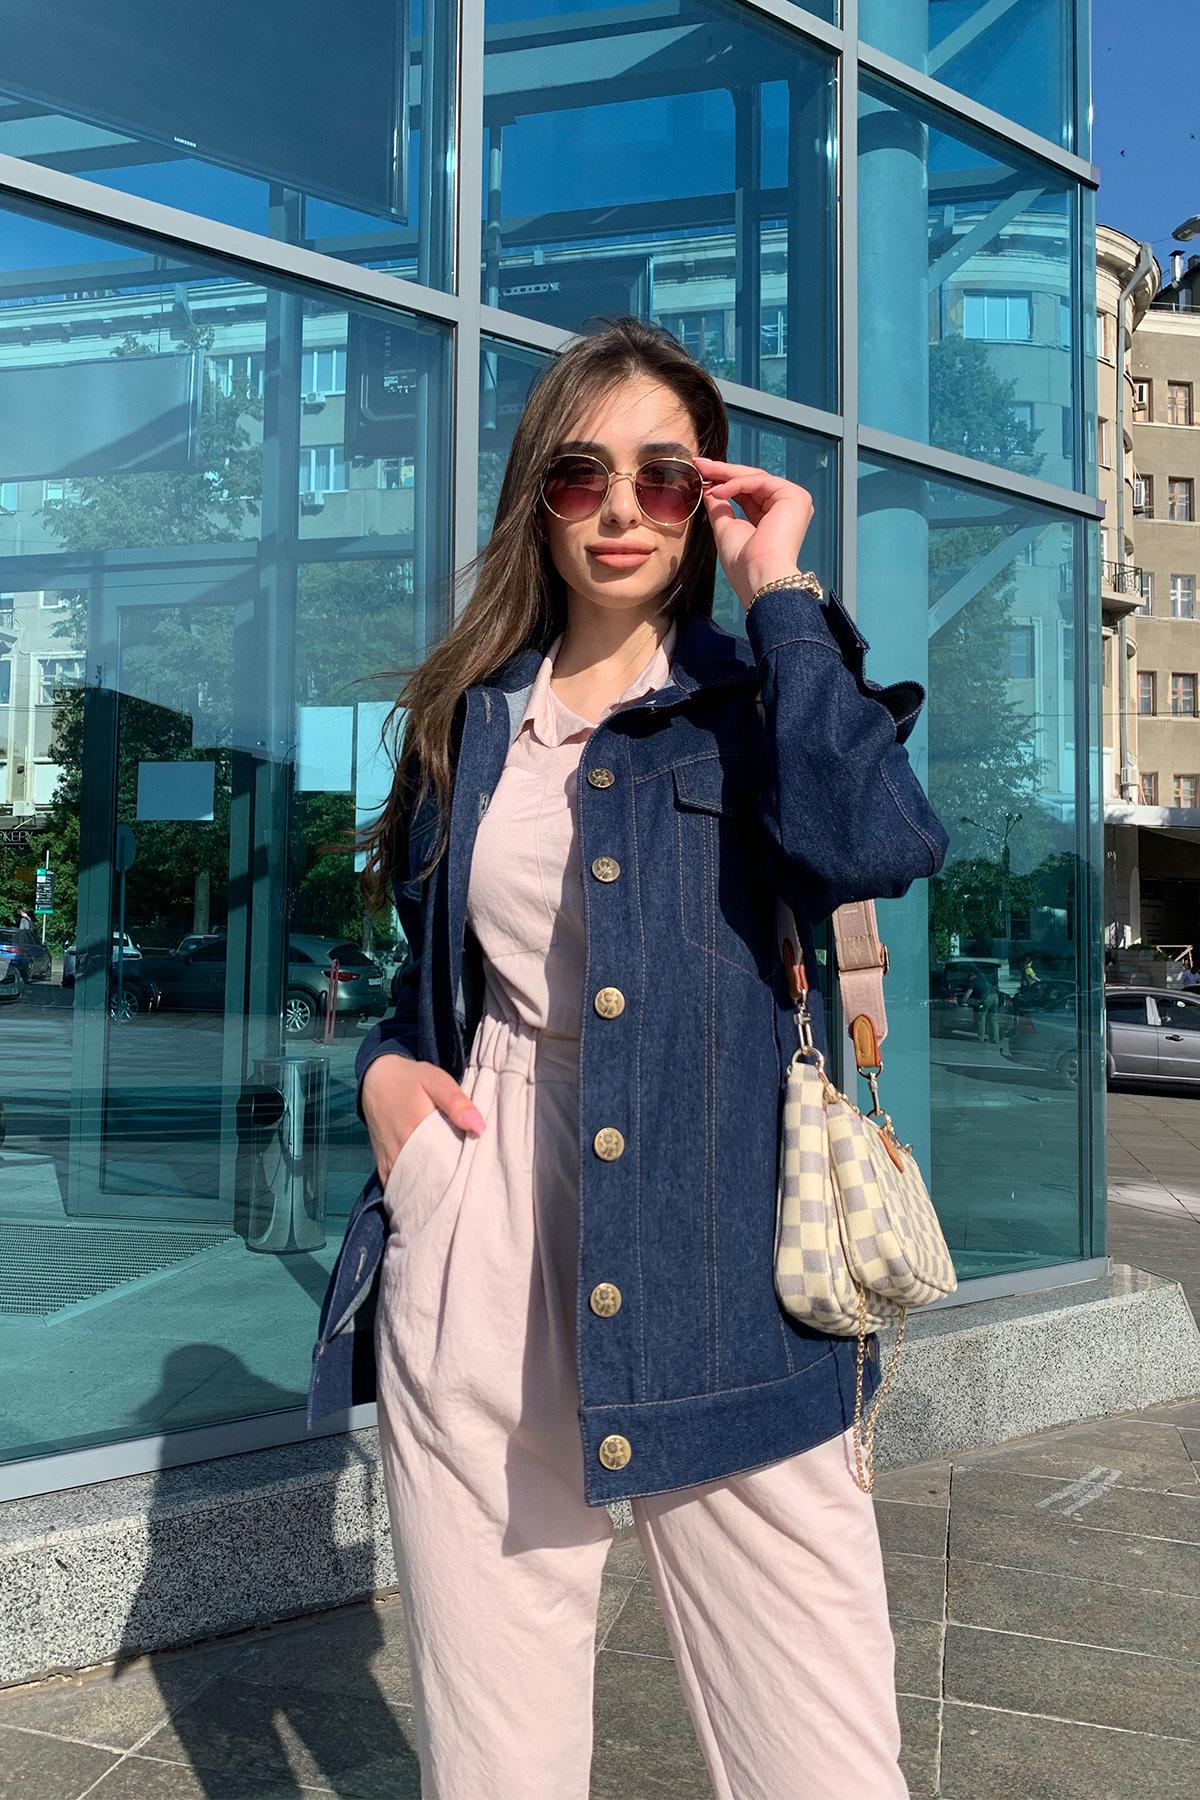 Жакет Реплей 9325 АРТ. 45665 Цвет: Т.синий - фото 1, интернет магазин tm-modus.ru